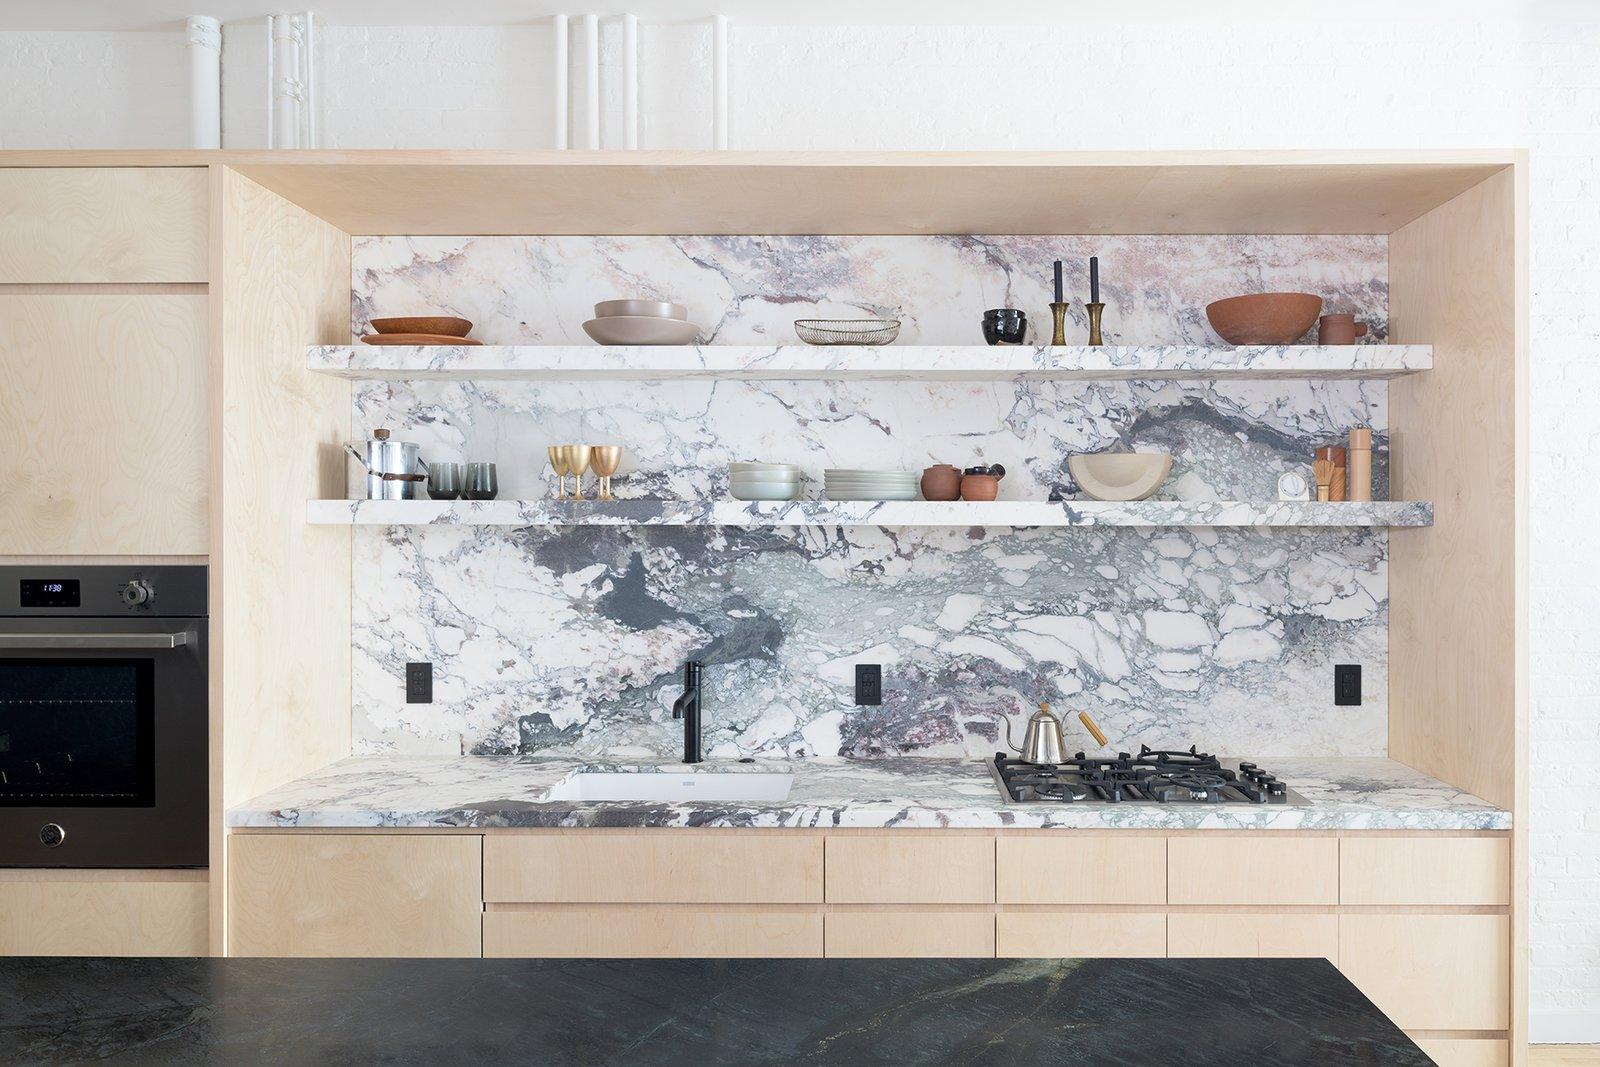 Breccia Marble Slab In Kitchen Backsplash